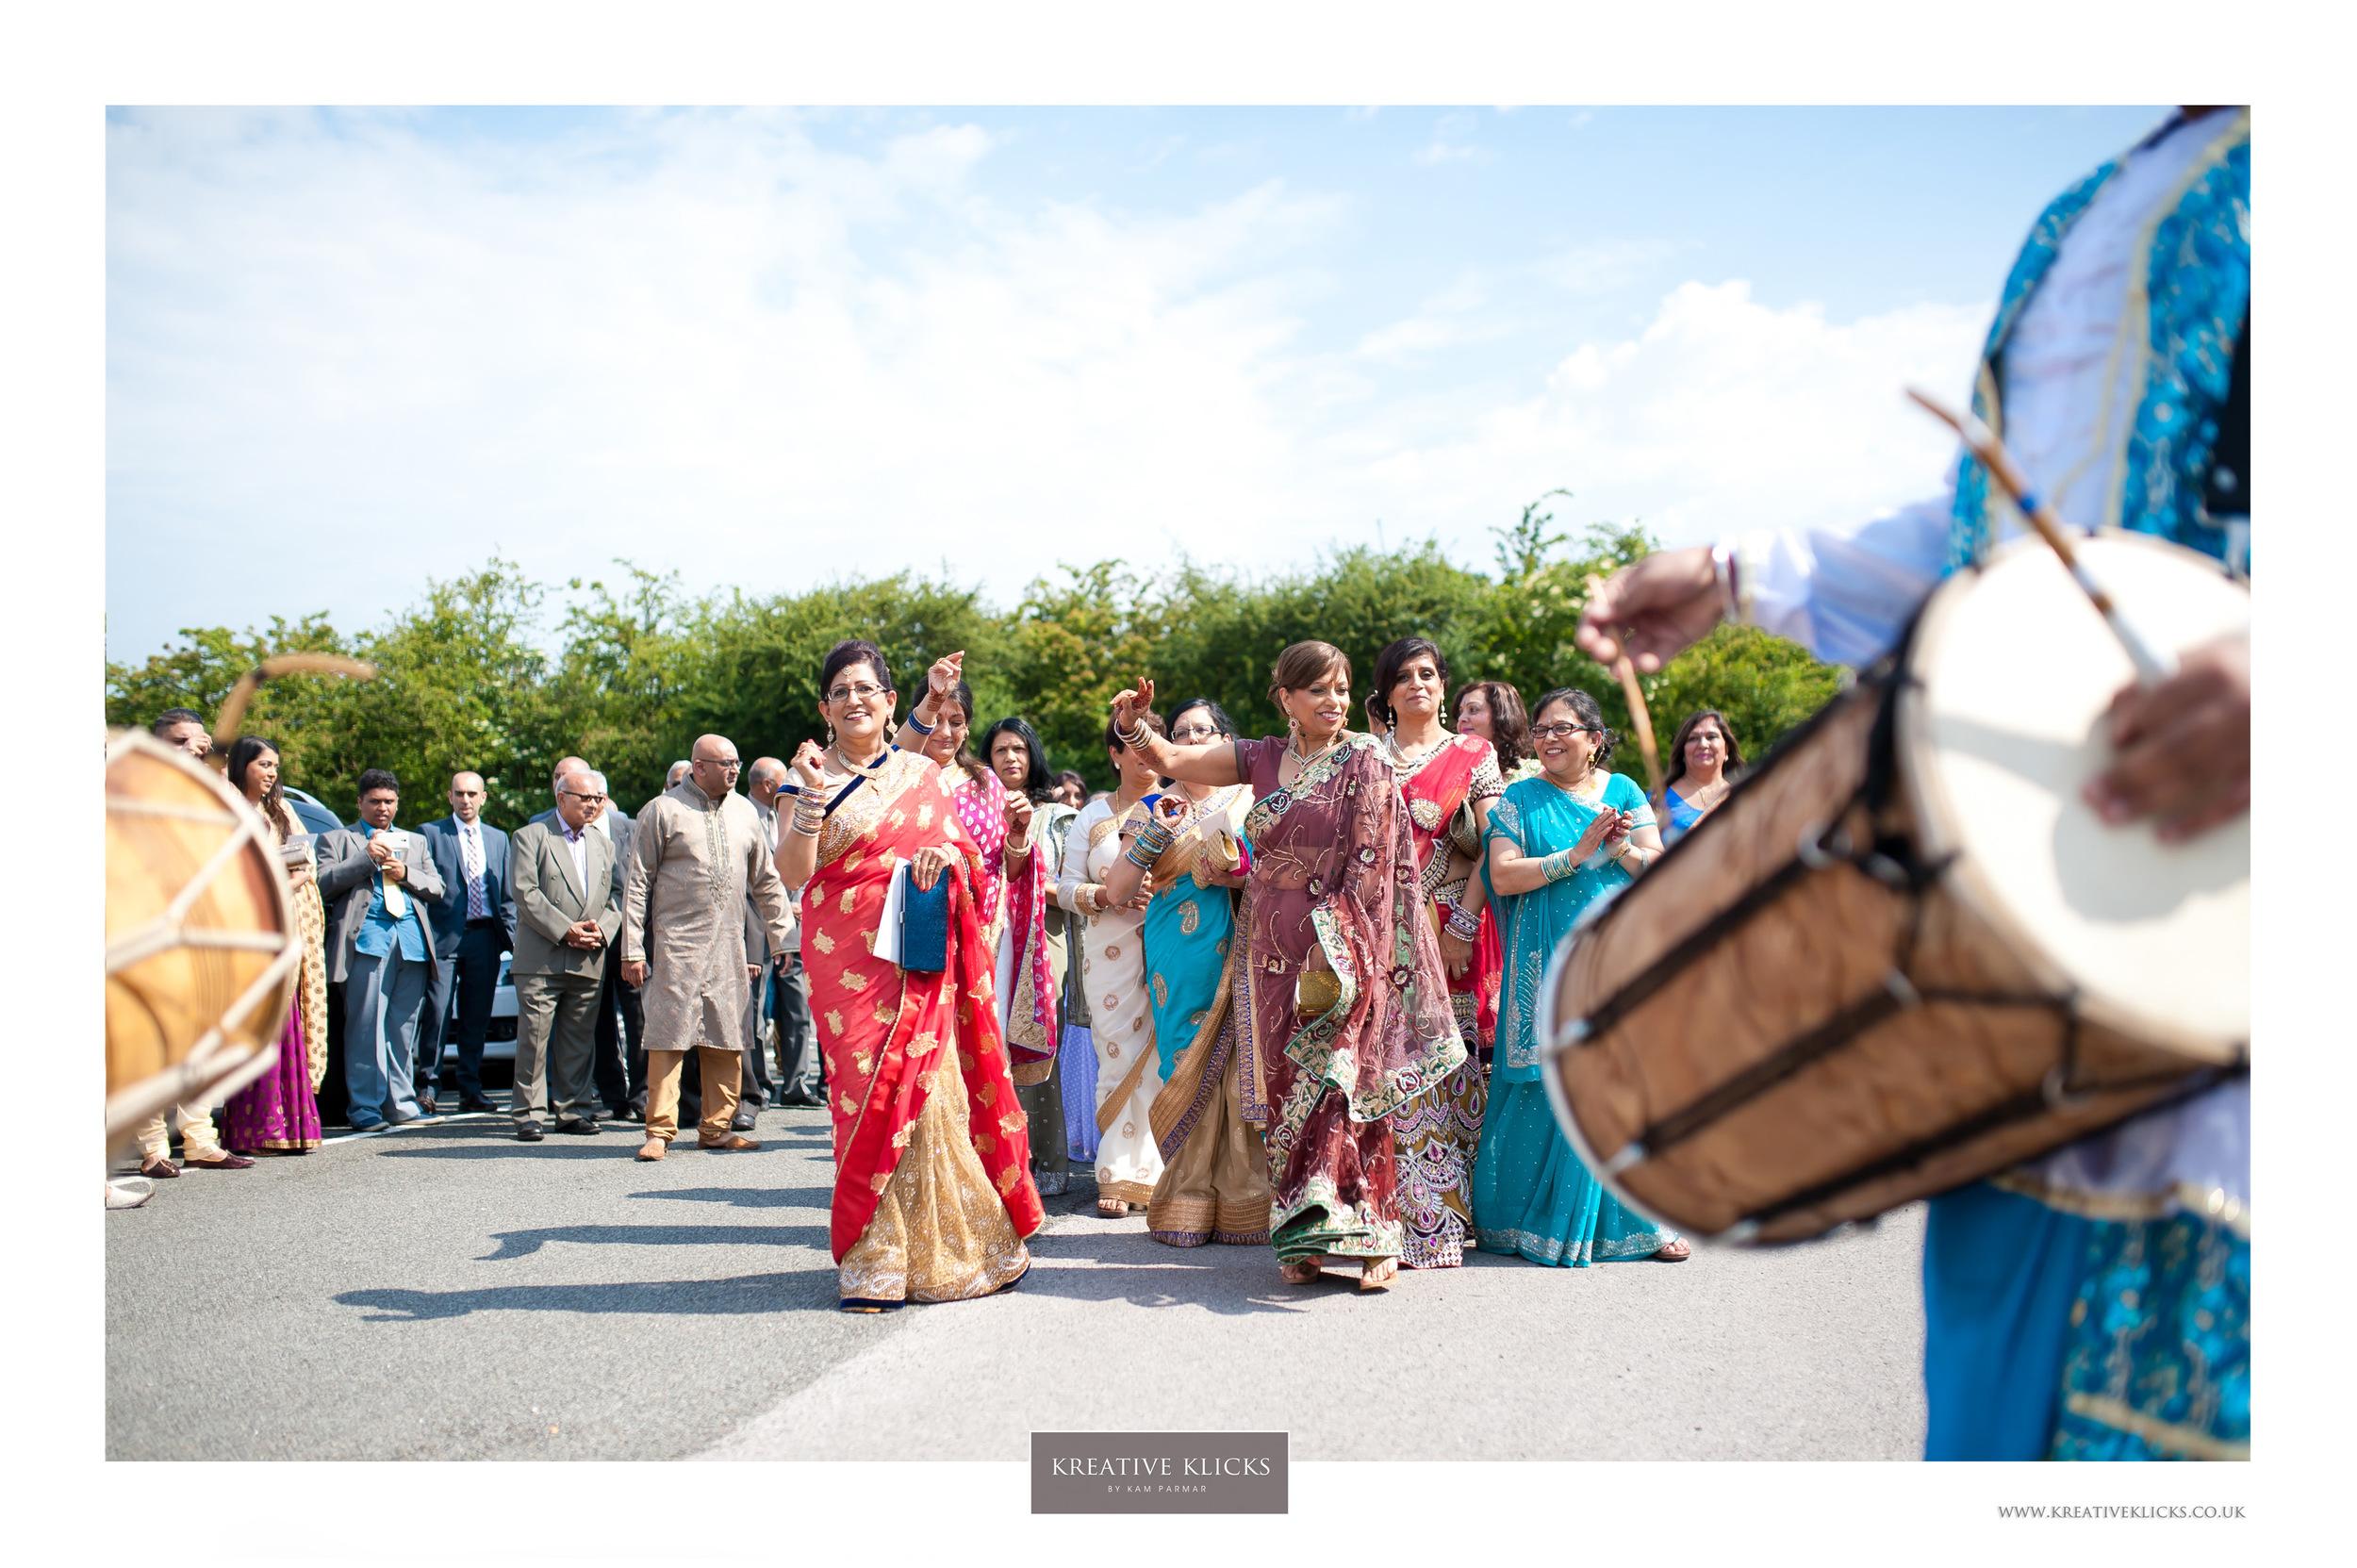 H&M_Hindu-123 KK.jpg